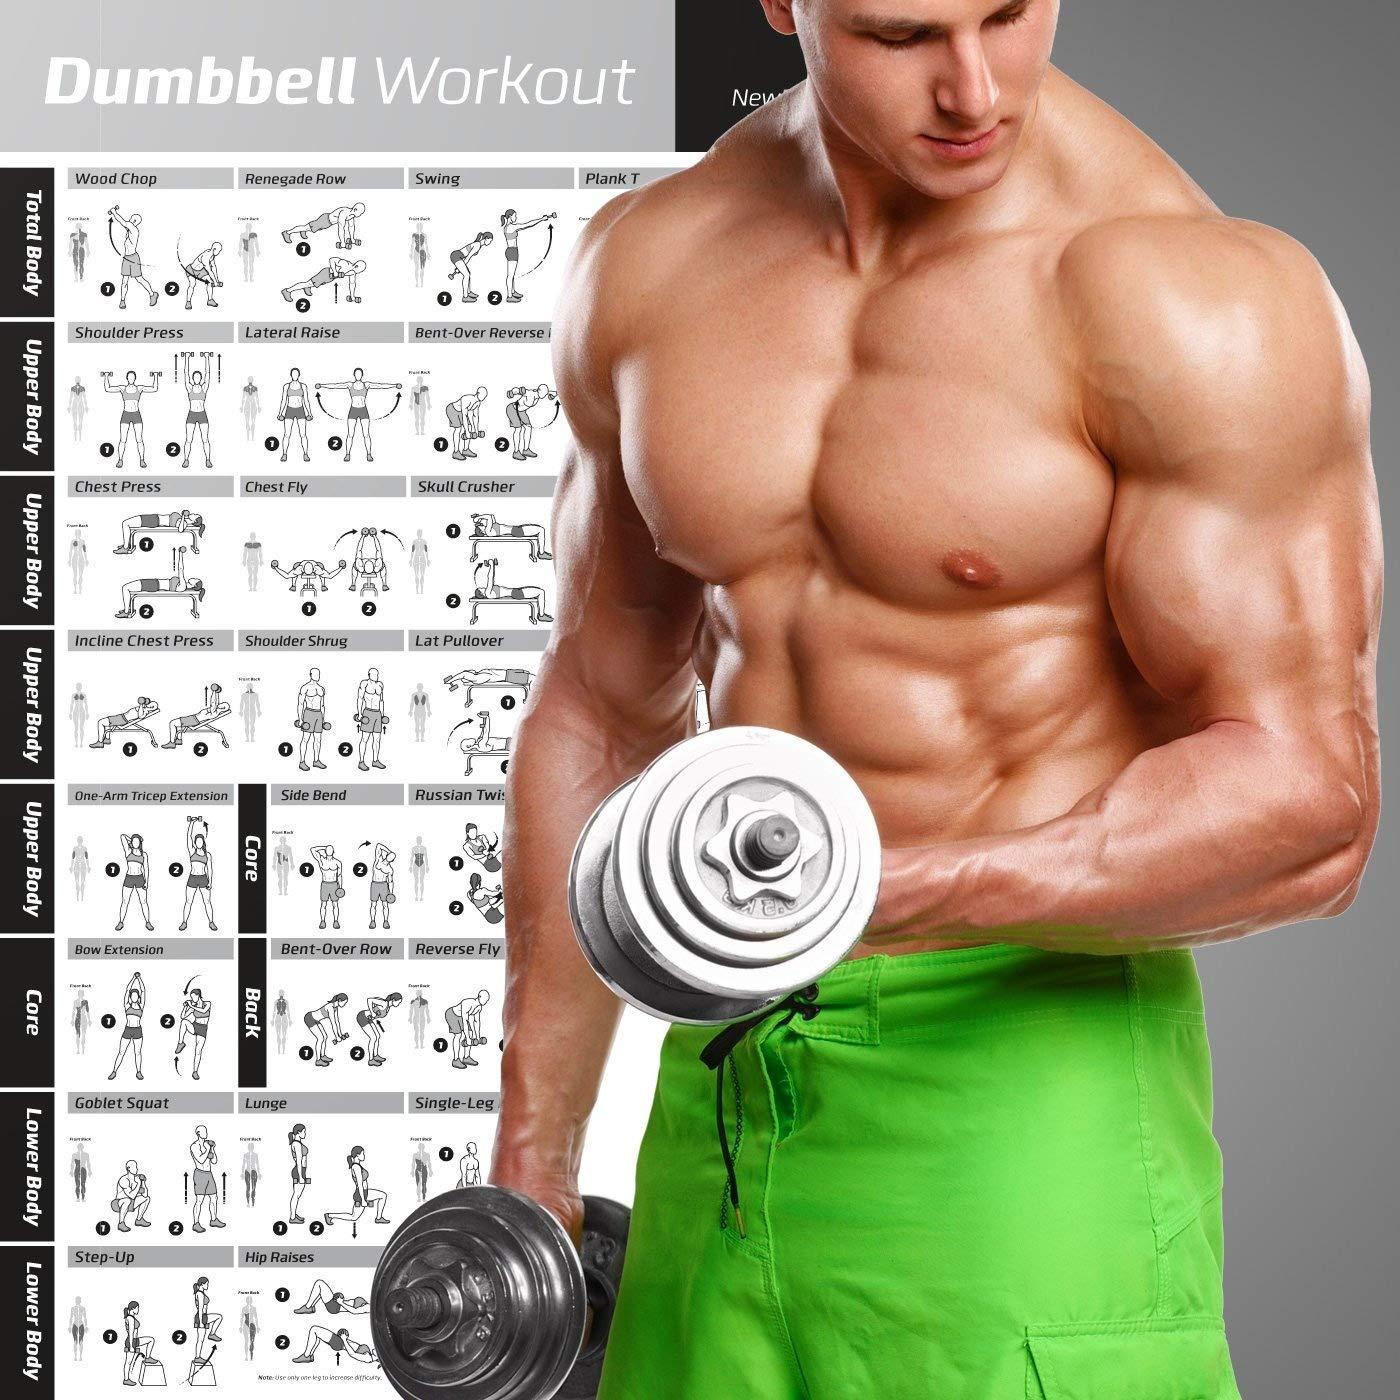 Manubri allenamento poster laminato/ tonifica e stringere/ 500/MM x /Home palestra sollevamento pesi routine/ /Strength training chart/ /Body building guide W//free pesi /massa muscolare